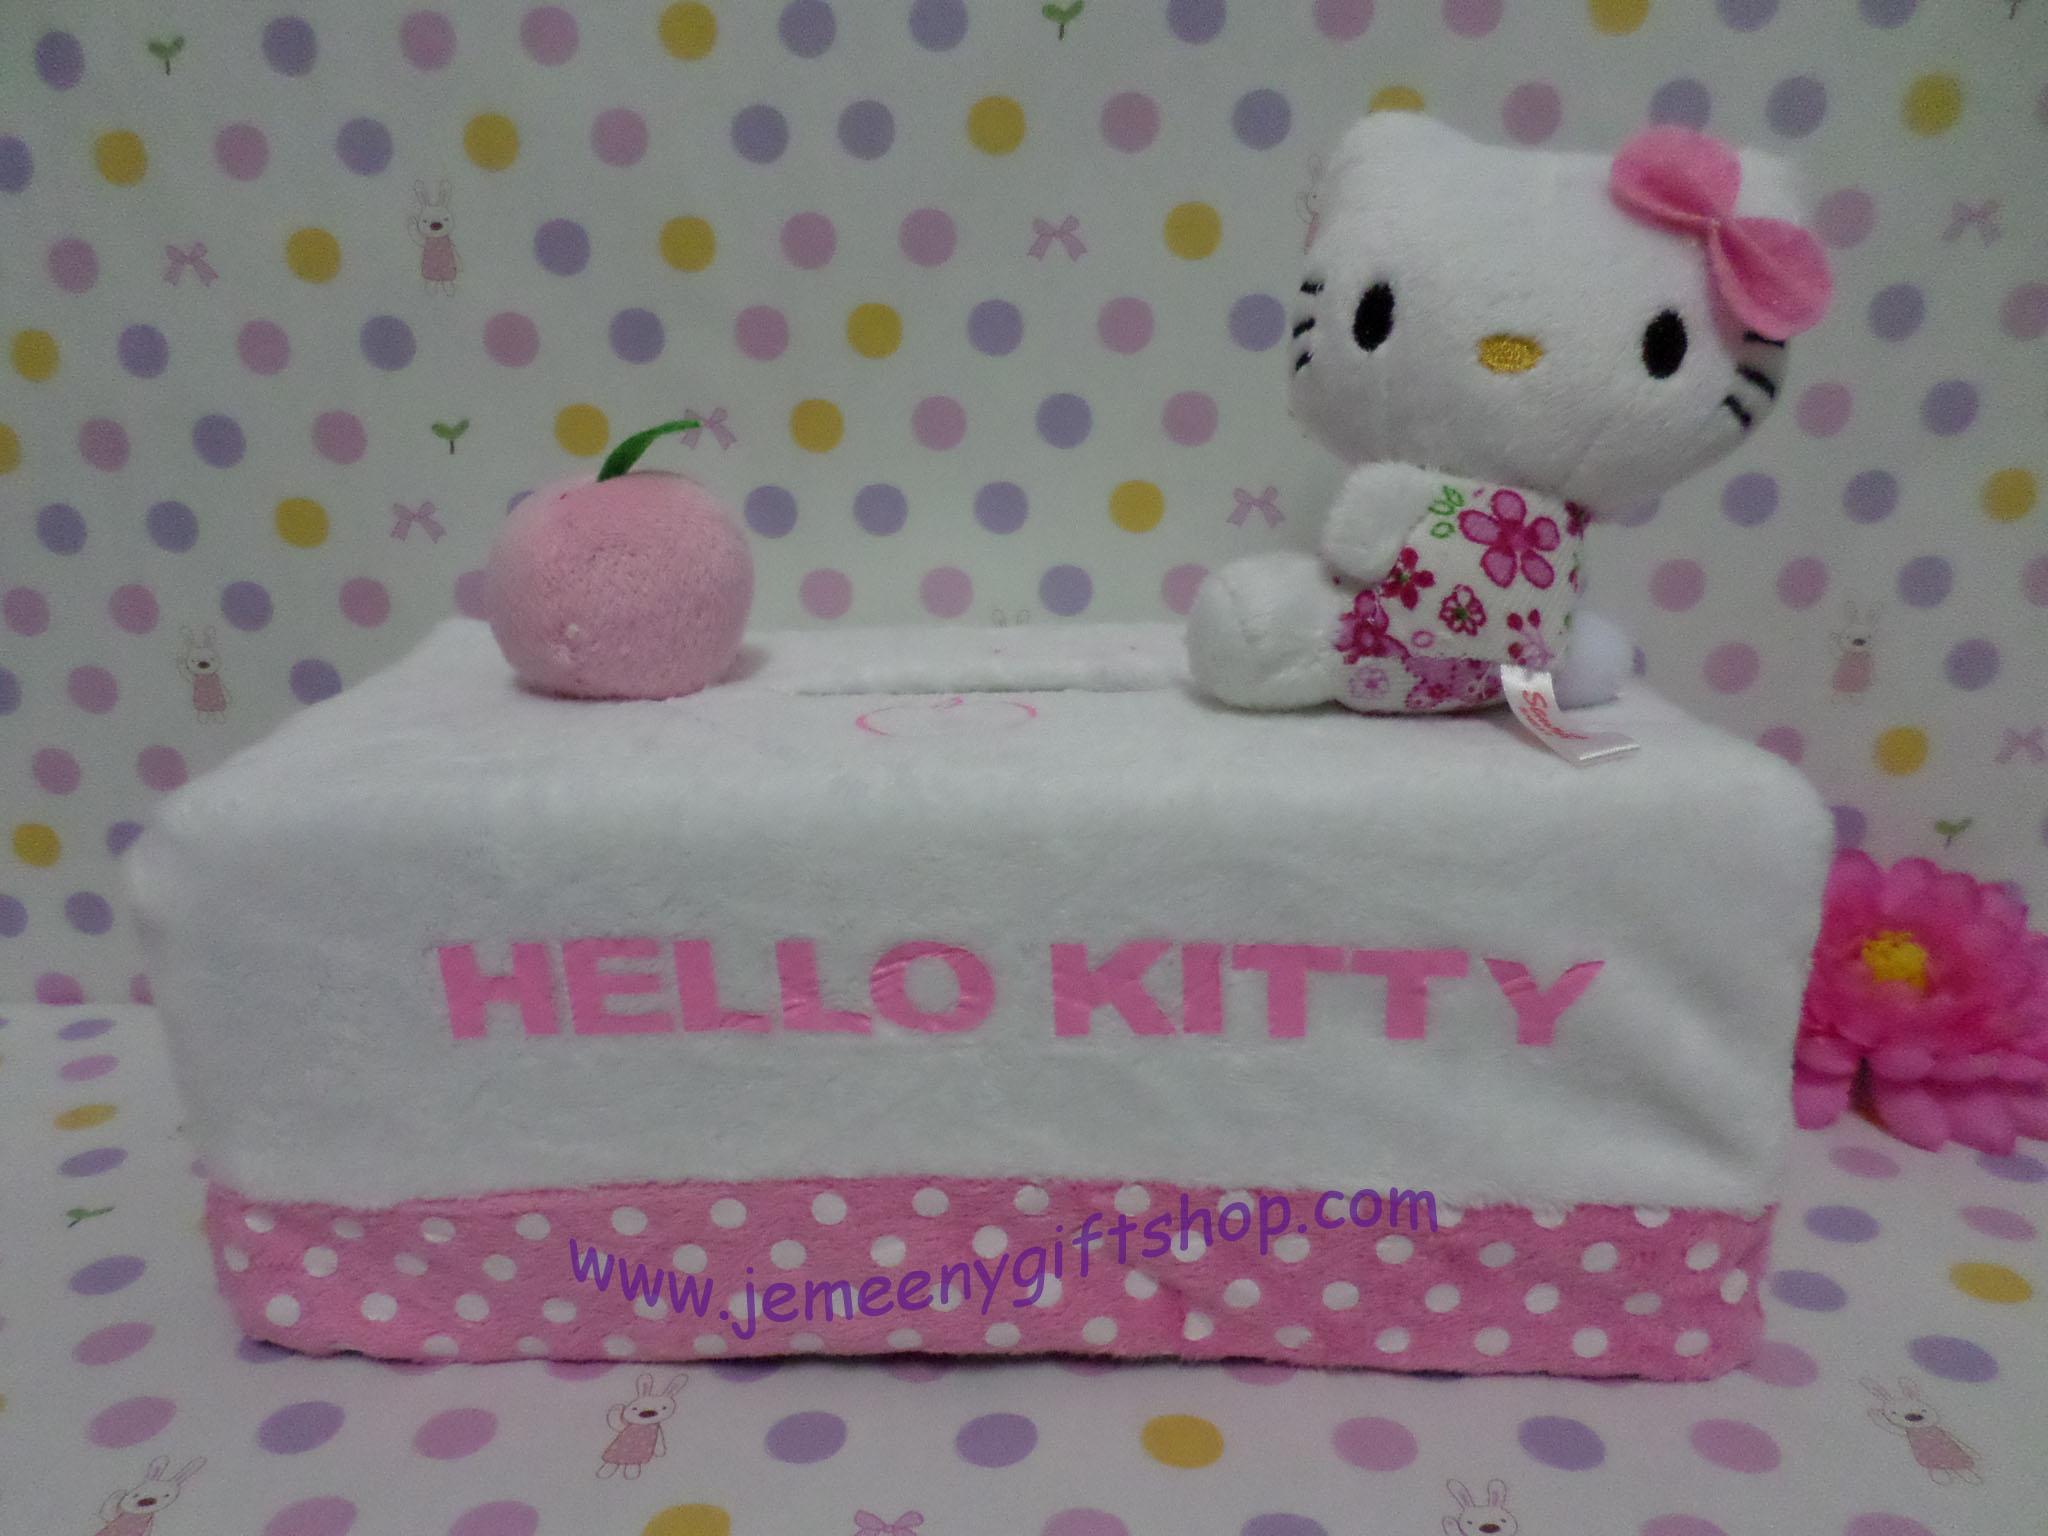 หุ้มกล่องทิชชู่สี่เหลี่ยม ฮัลโหลคิตตี้ Hello Kitty#7 ขนาดยาว 24 ซม. * กว้าง 13 ซม. * สูง 8 ซม. สีขาวชมพูจุดขาว ลายฮัลโหลคิตตี้โบว์ชมพู